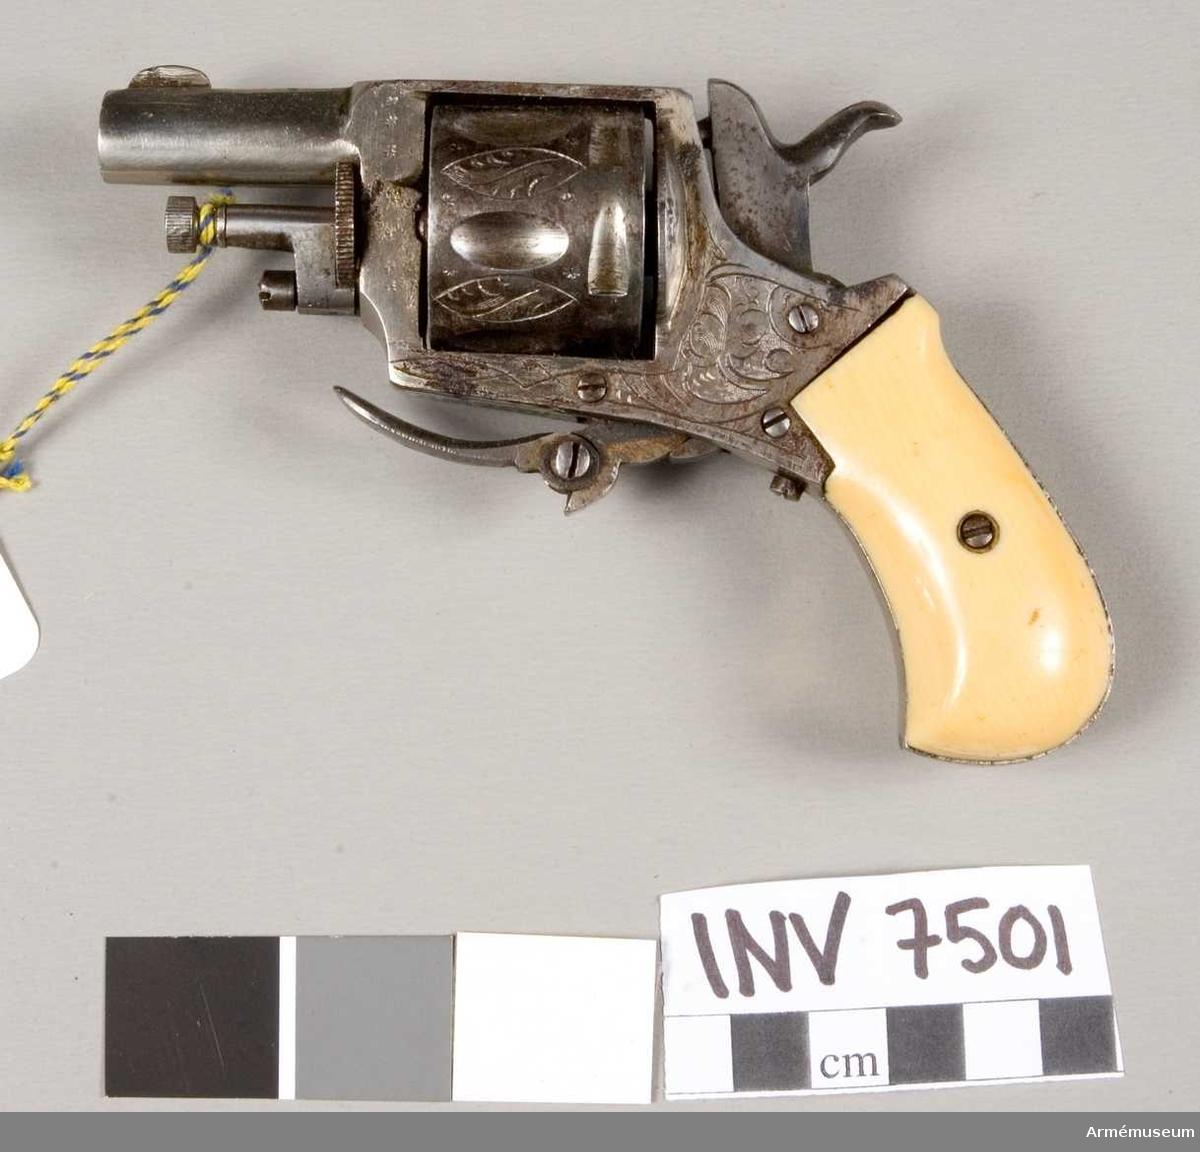 Tillverkad i Liége, Belgien, 1893 eller senare. Kaliber 7,5 mm. Märkt: CJ R med en krona (AR). Trumman märkt ELG med en krona (C) 17 (AR). Kolvskenor av ben. Trumman har plats 6 patroner.   Tillverkningsnr 17